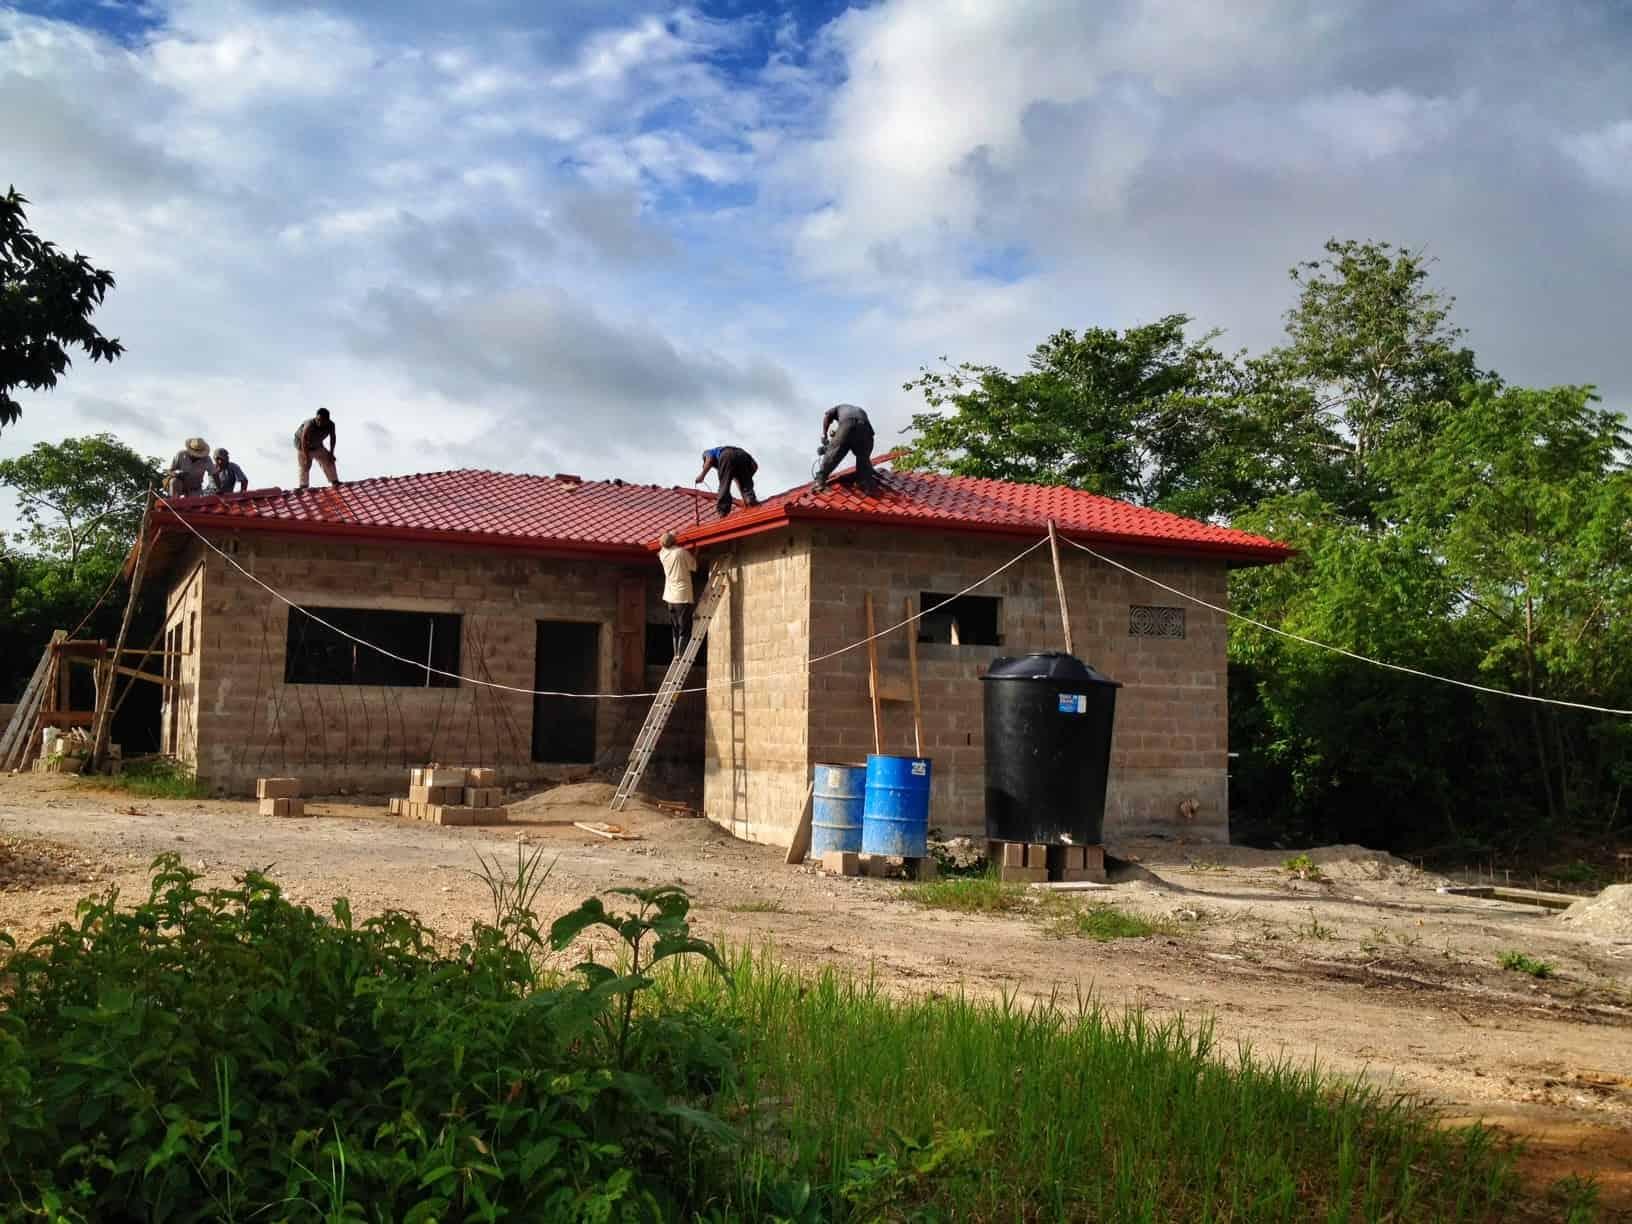 Las mejores ruinas mayas en Belice - Belice Aventura - Trusted Asesoramiento Local